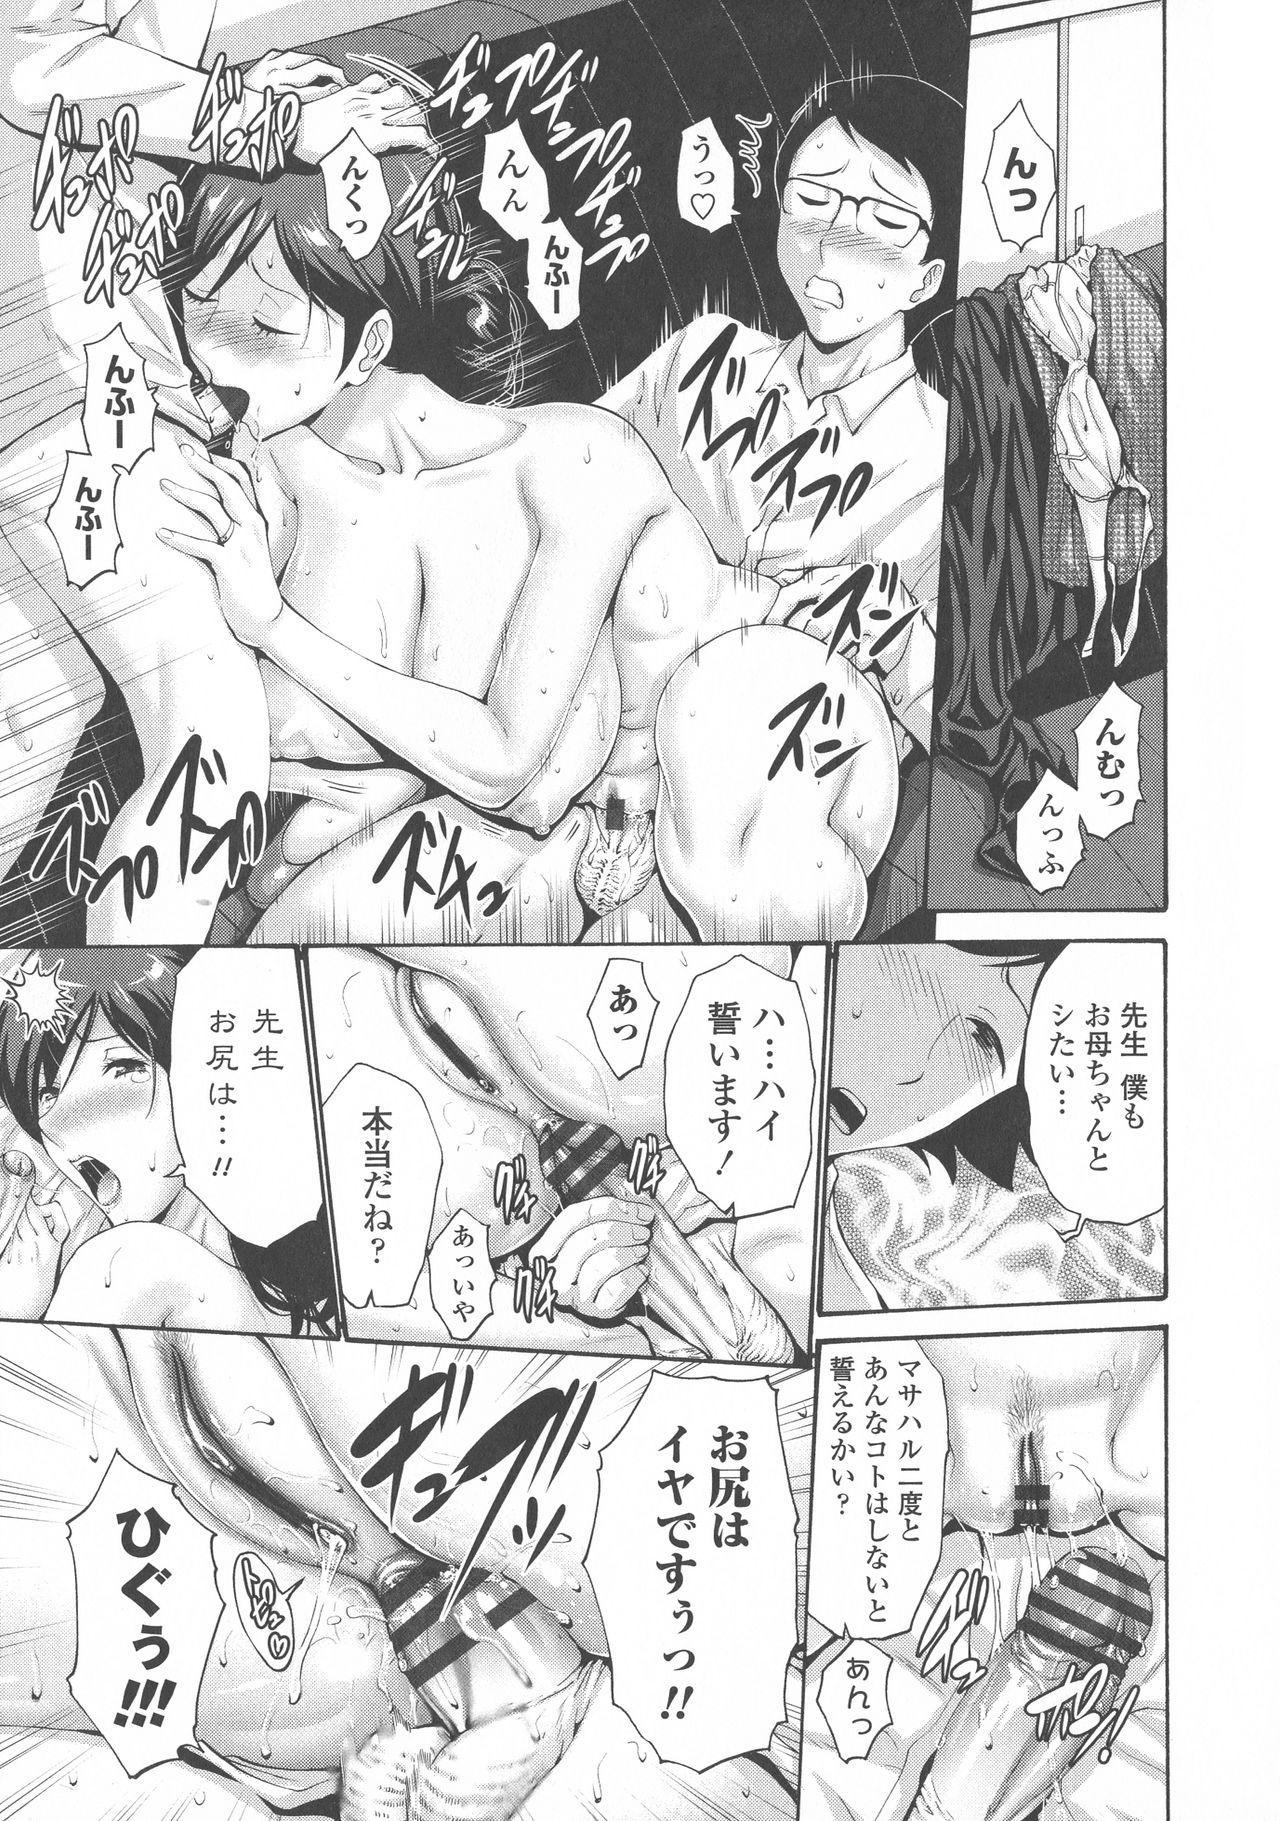 Tomodachi no Haha wa Boku no Mono - His Mother is My Love Hole 205